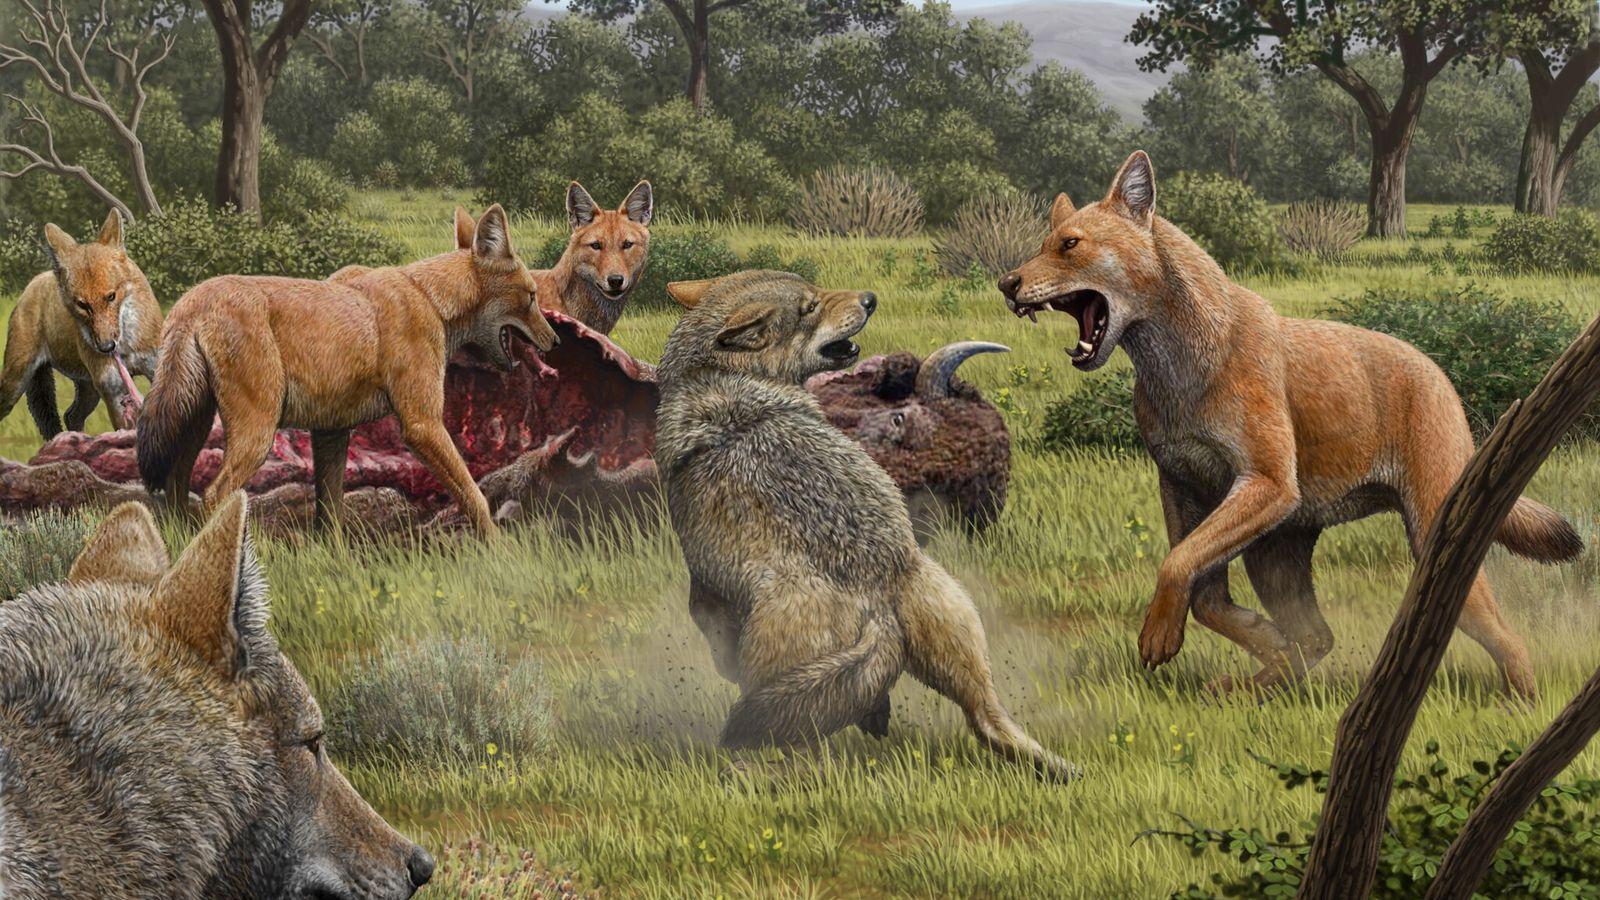 Lobos gigantes, con pelaje rojizo, se enfrentan con lobos grises. Esta imagen fue creada por el ...